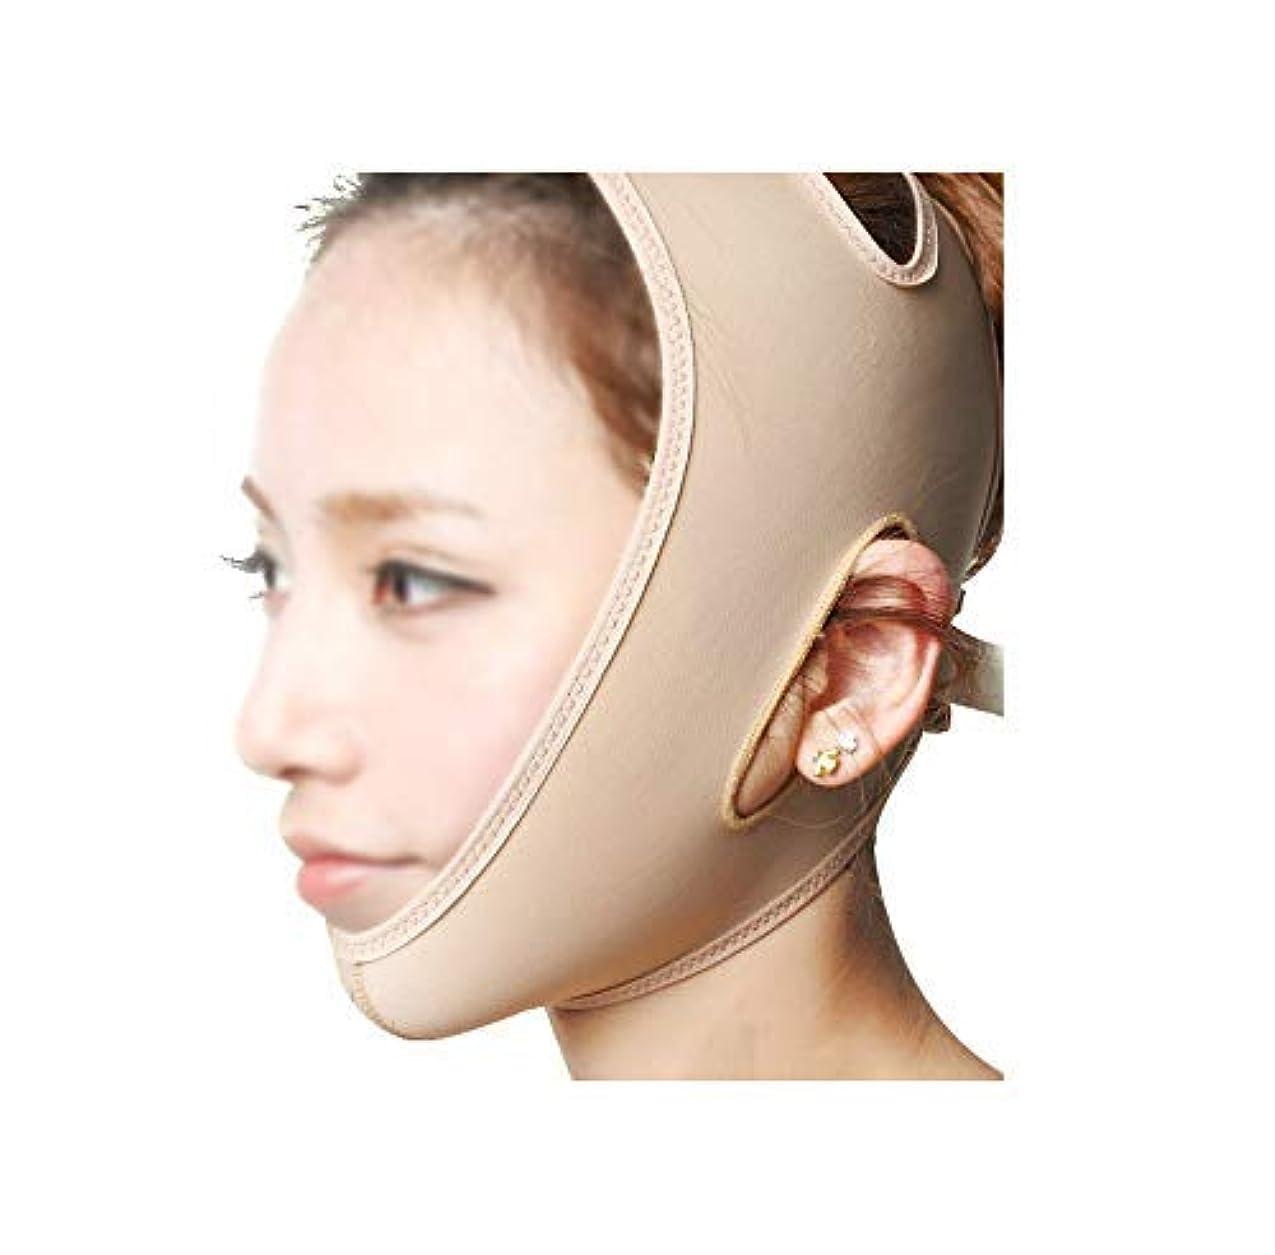 午後見捨てられた叫び声フェイスリフティングバンデージ、フェイスマスク3Dパネルデザイン、通気性に優れたライクラ素材の物理的なVフェイス、美しい顔の輪郭の作成(サイズ:S),M